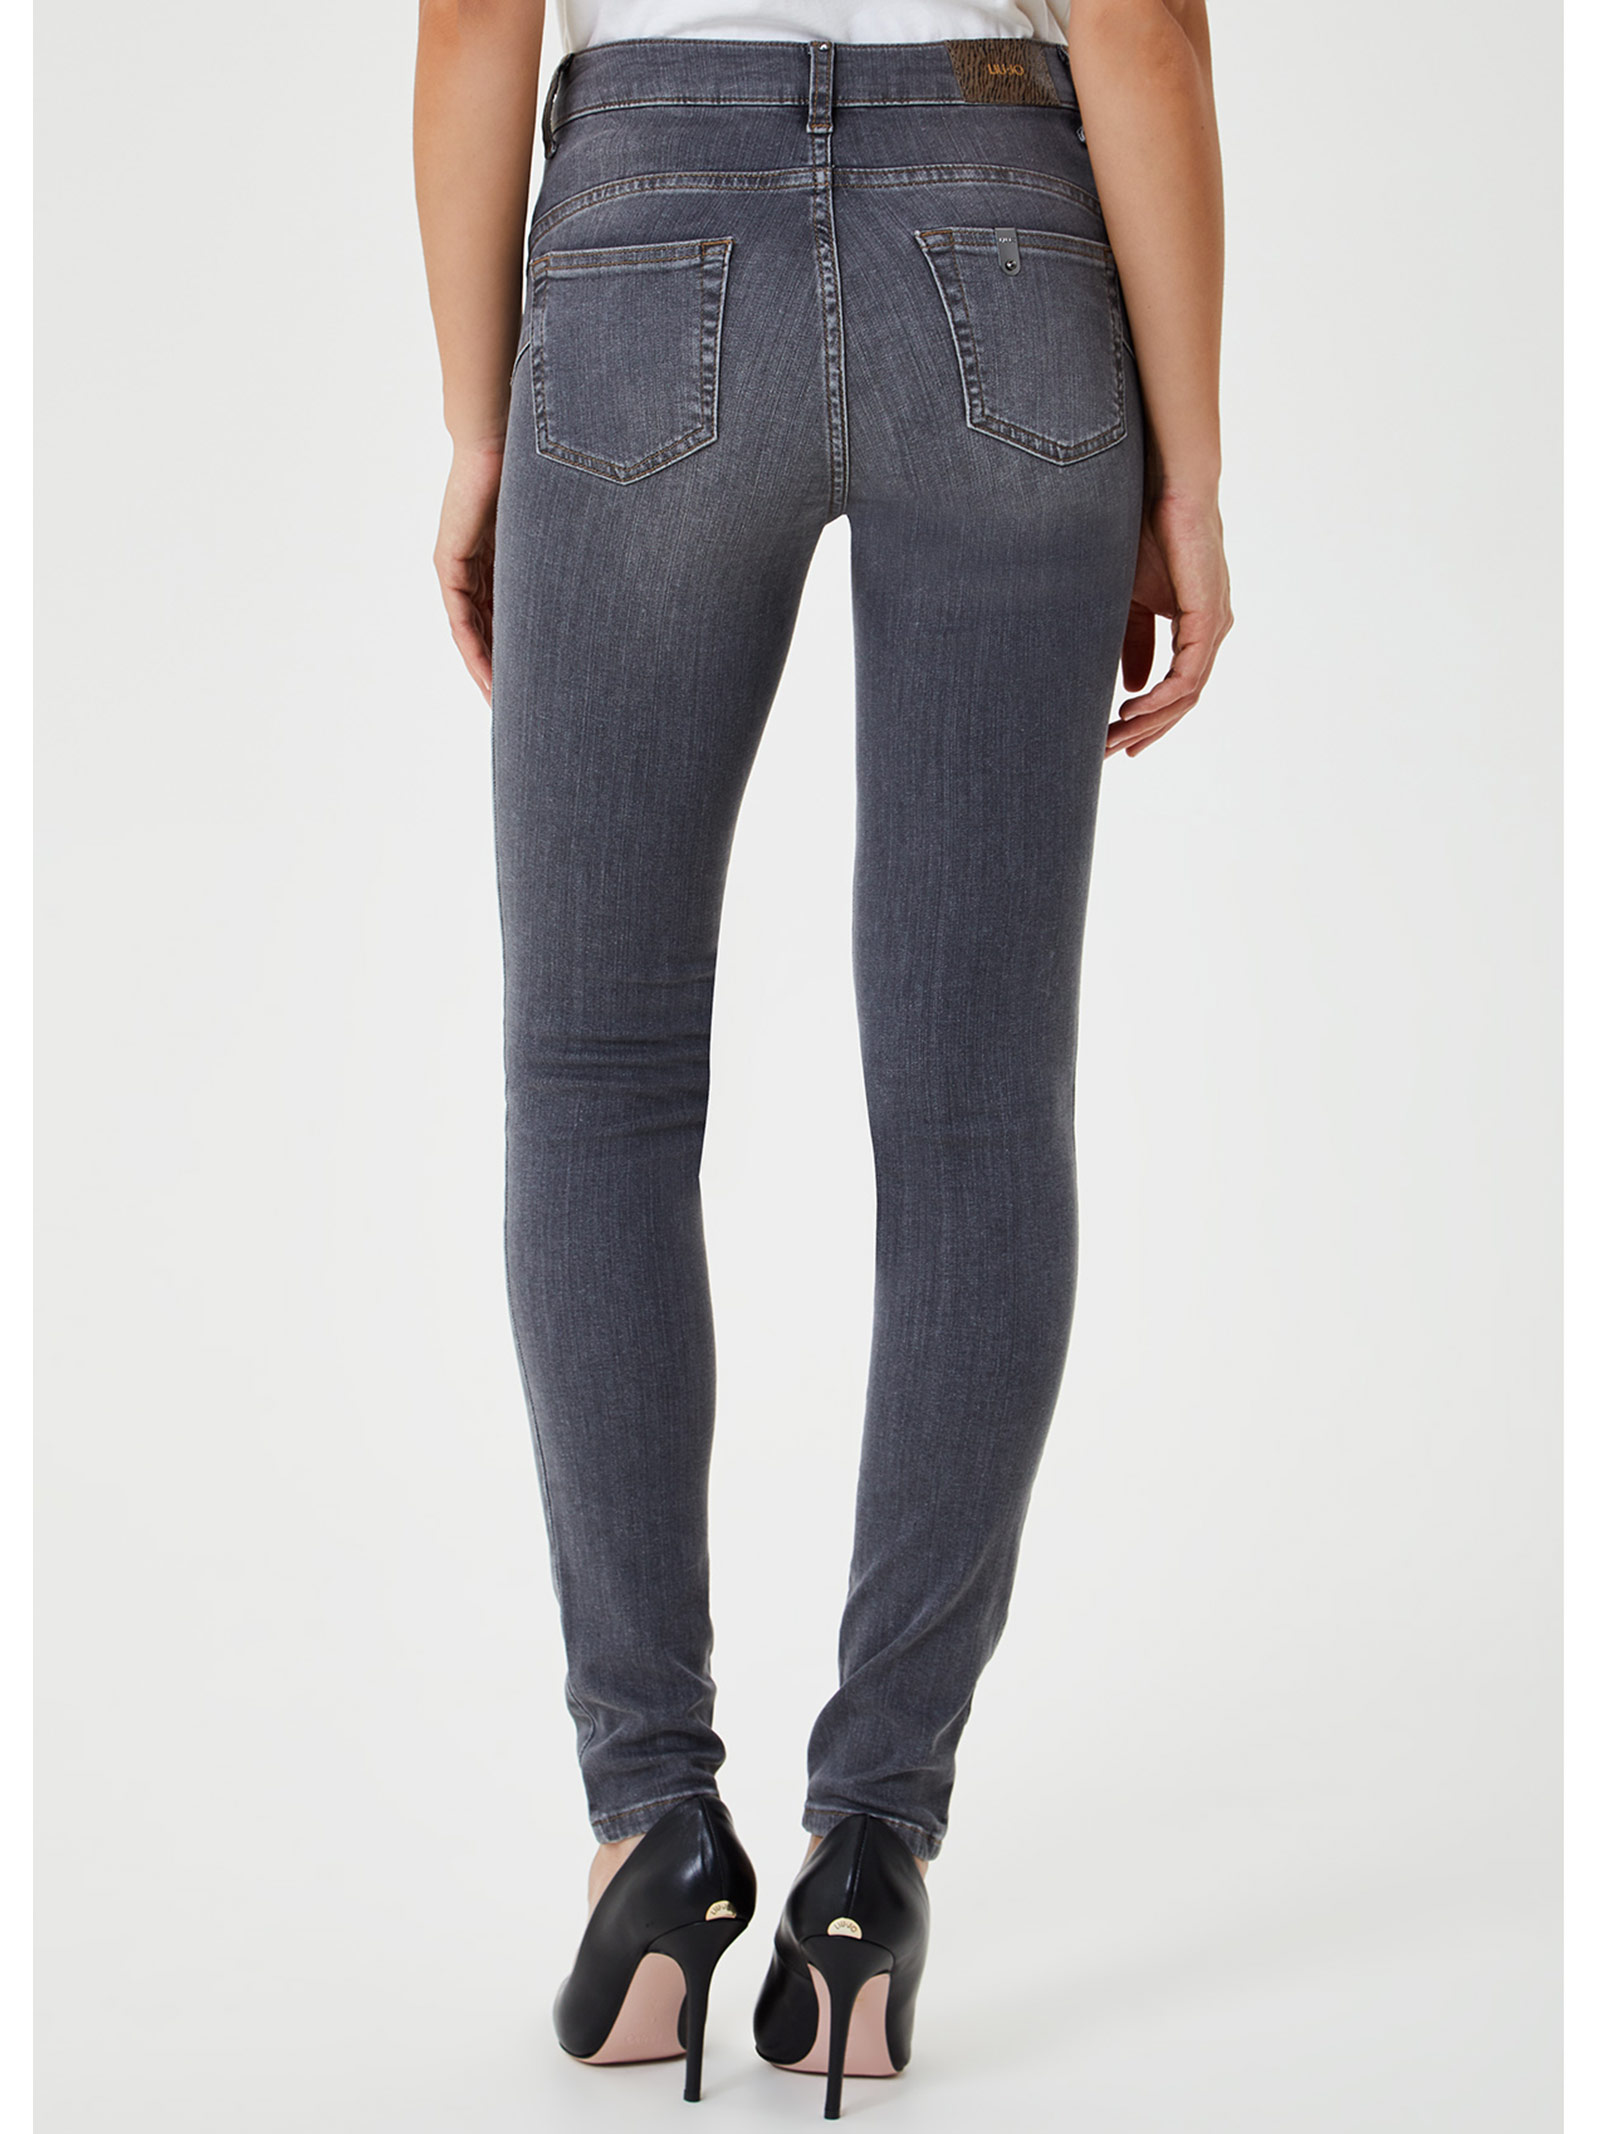 LIU JO | Jeans | UF0013D452987255